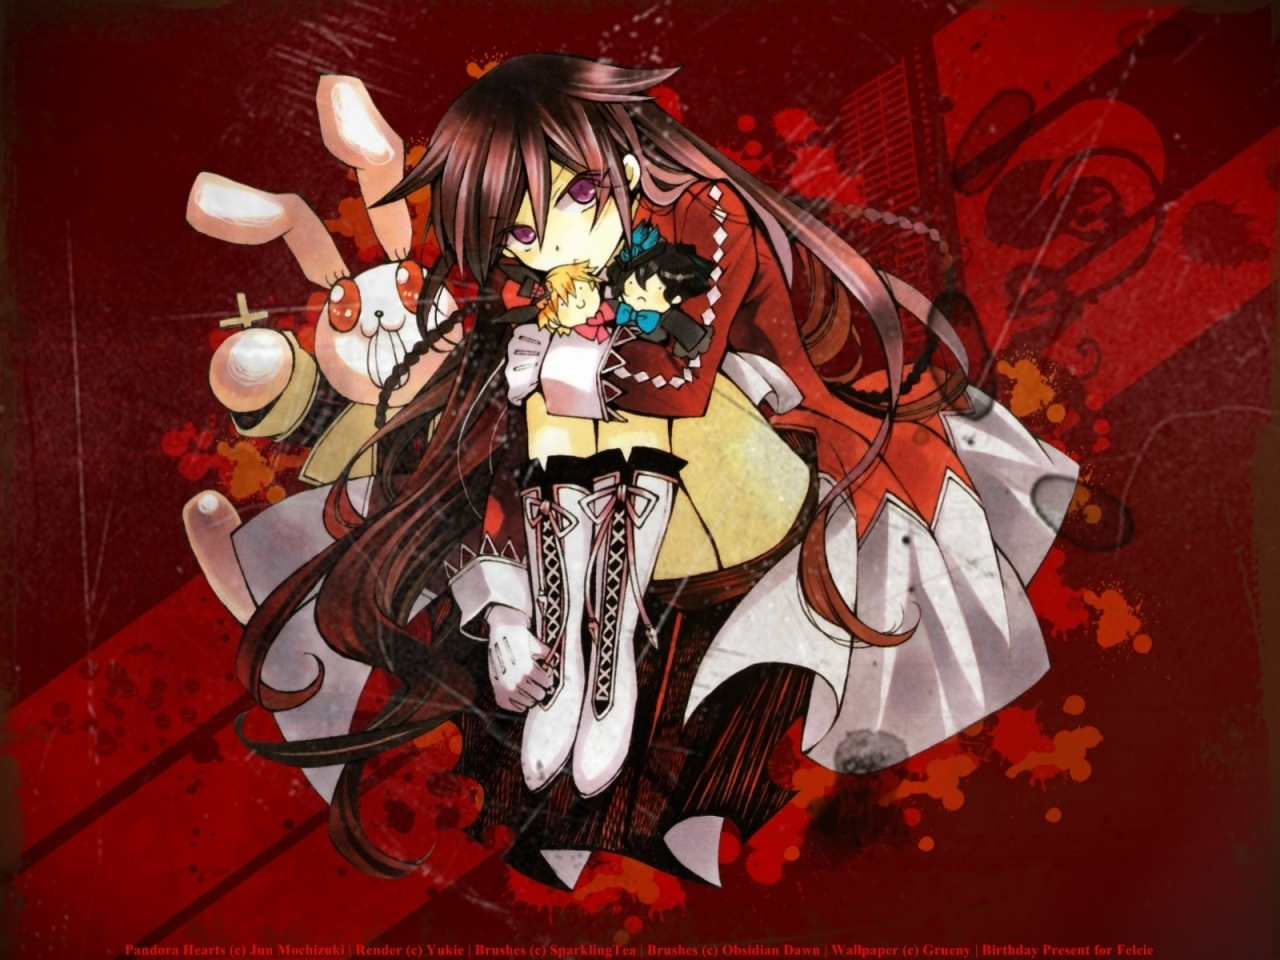 แจกภาพ+อวาตาร์คริมสัน Pandora-Hearts-pandora-hearts-9447621-1280-960